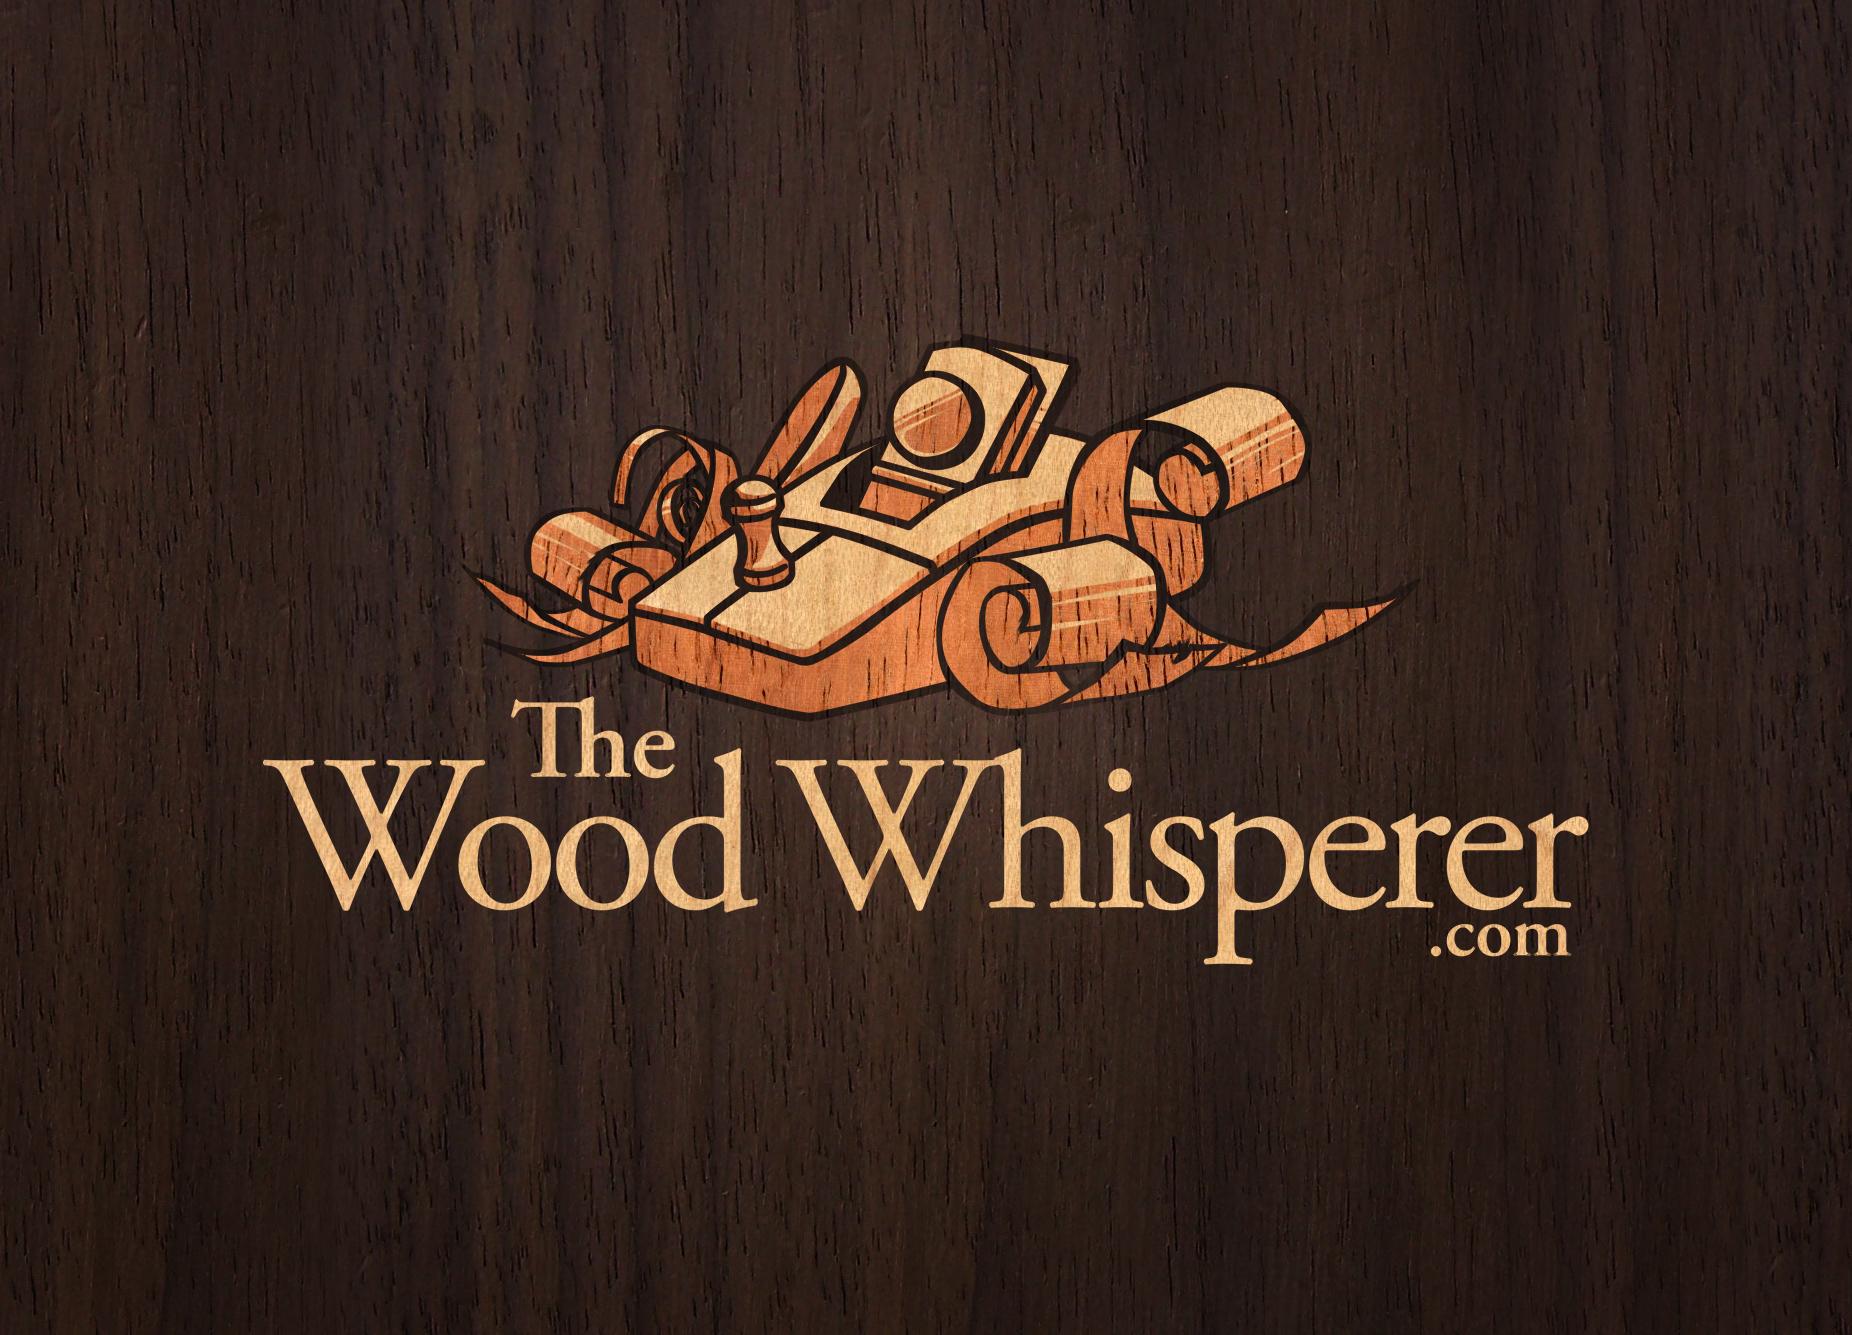 wood whisperer logo